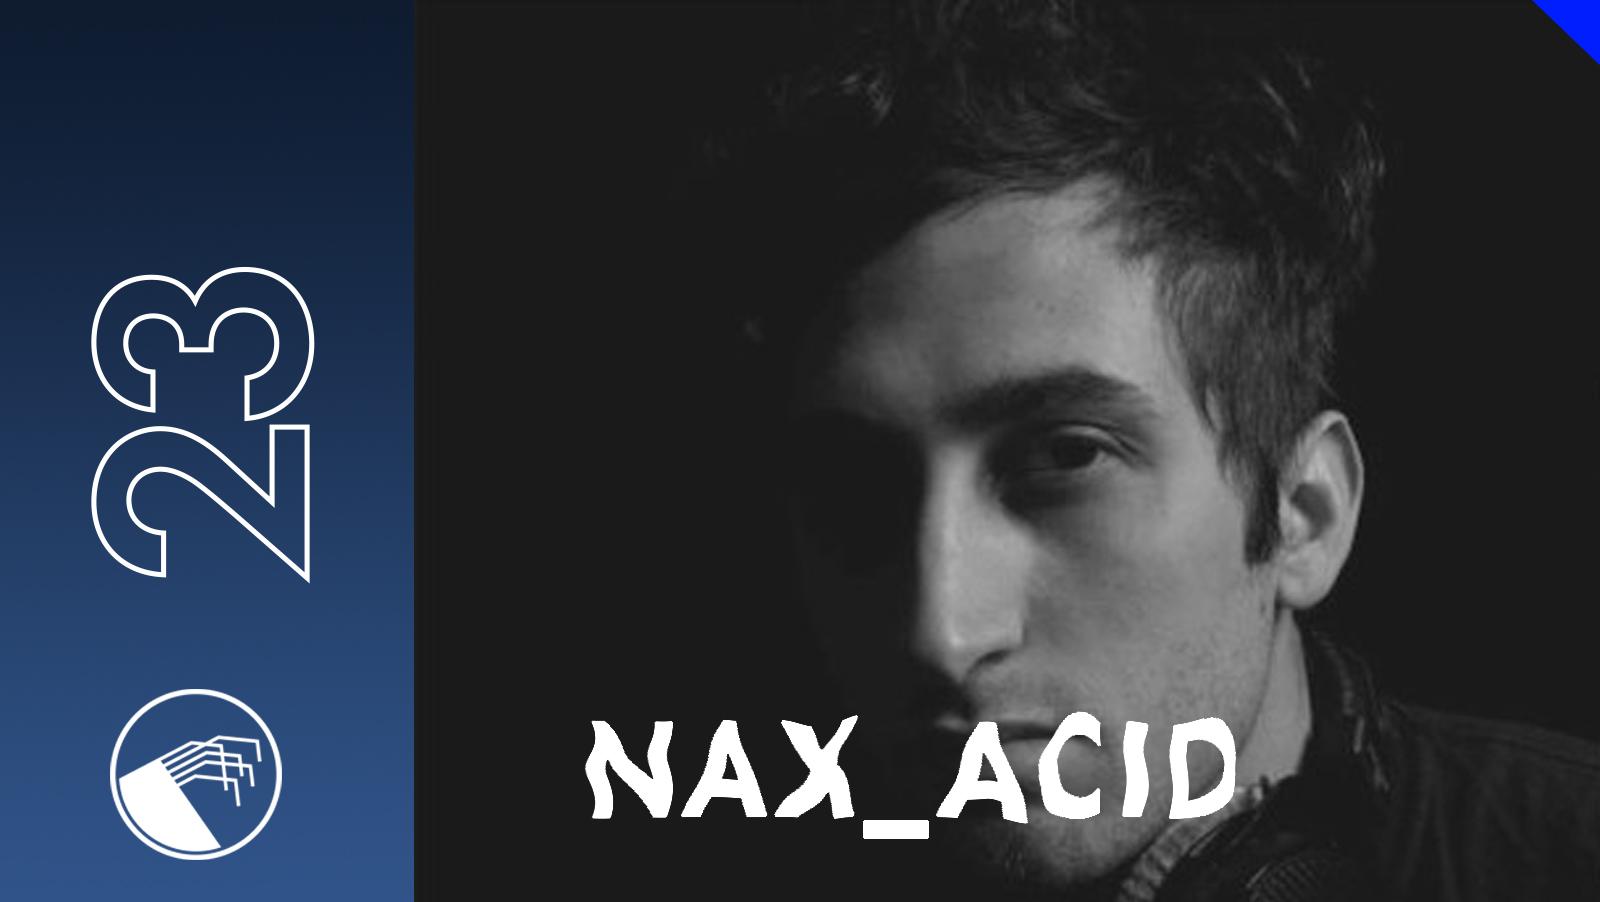 023 Nax_Acid